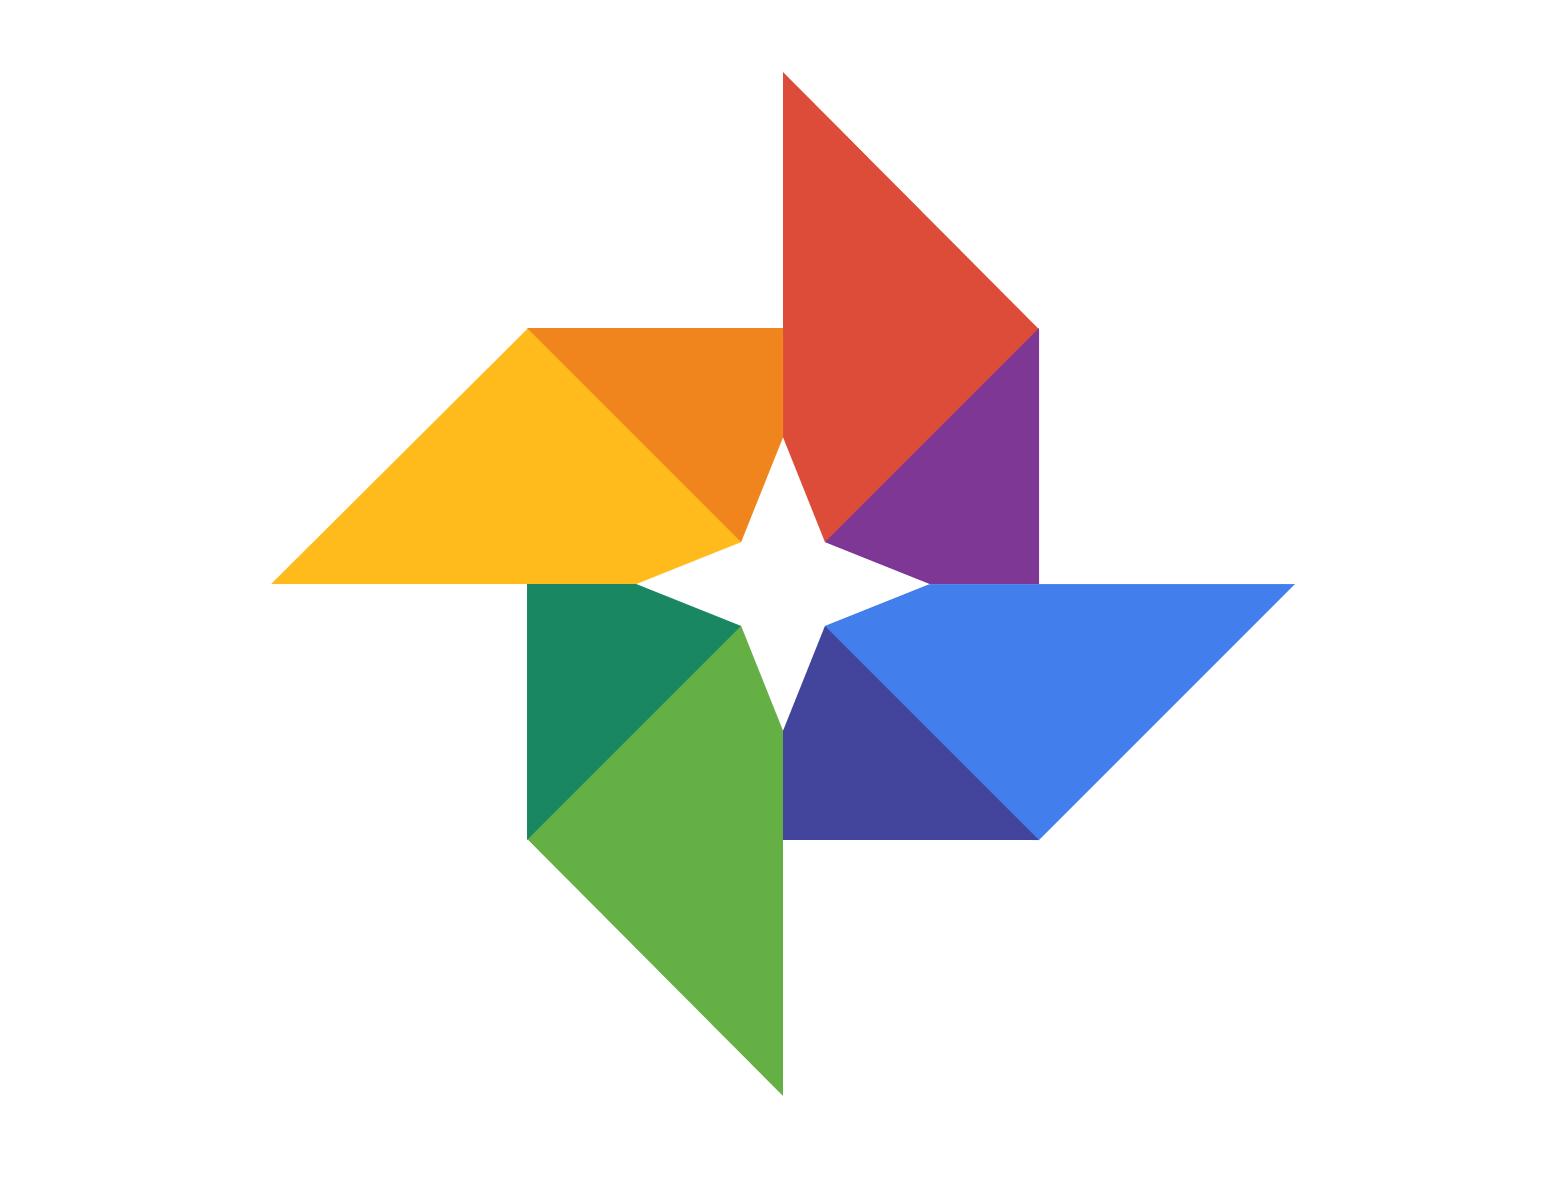 Google Fotos: Neue Oberfläche mit optimierter Detailansicht wird ab sofort ausgerollt...